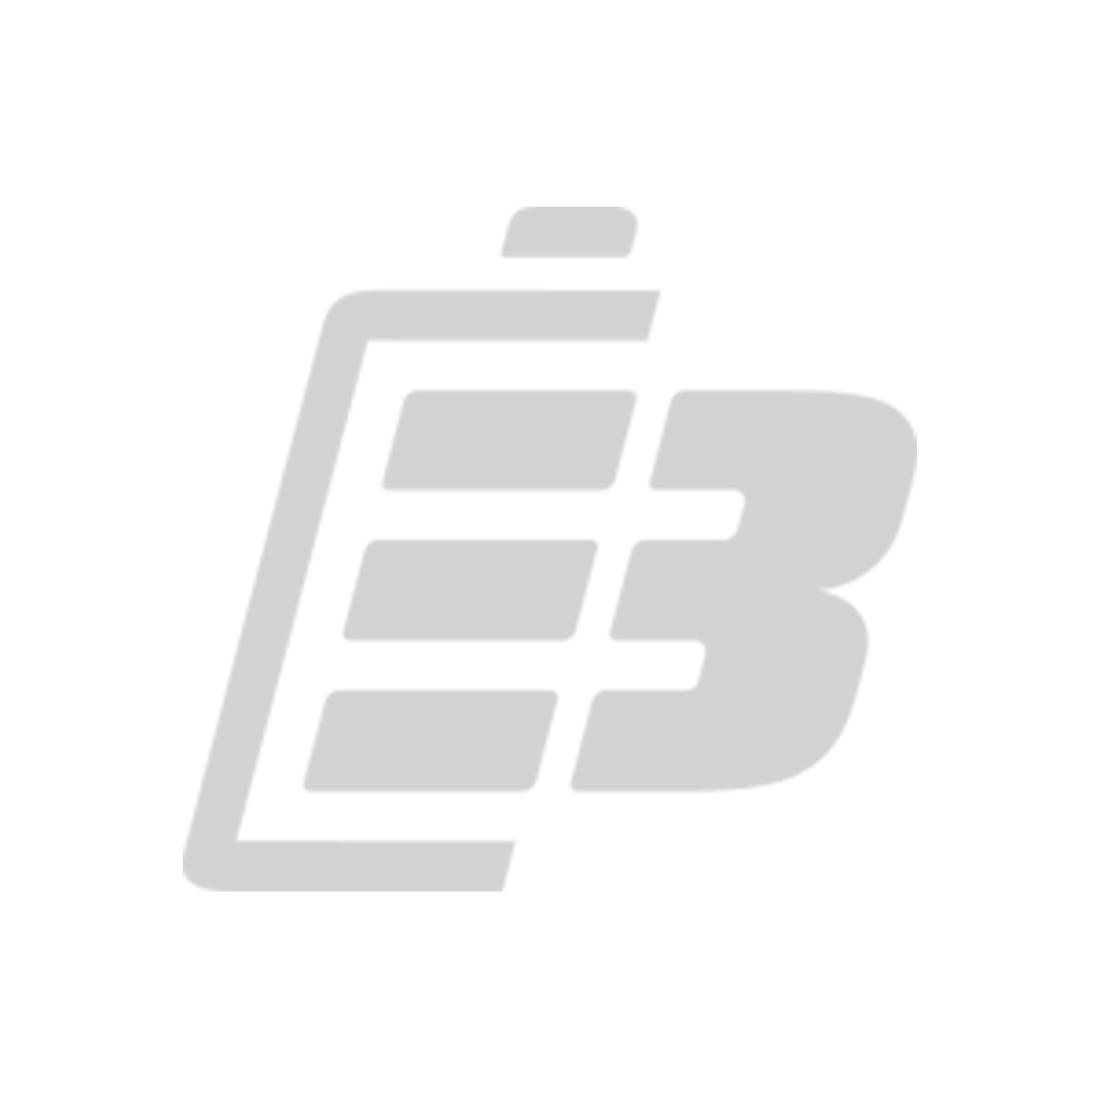 Cordless phone battery Siemens Gigaset A100_1